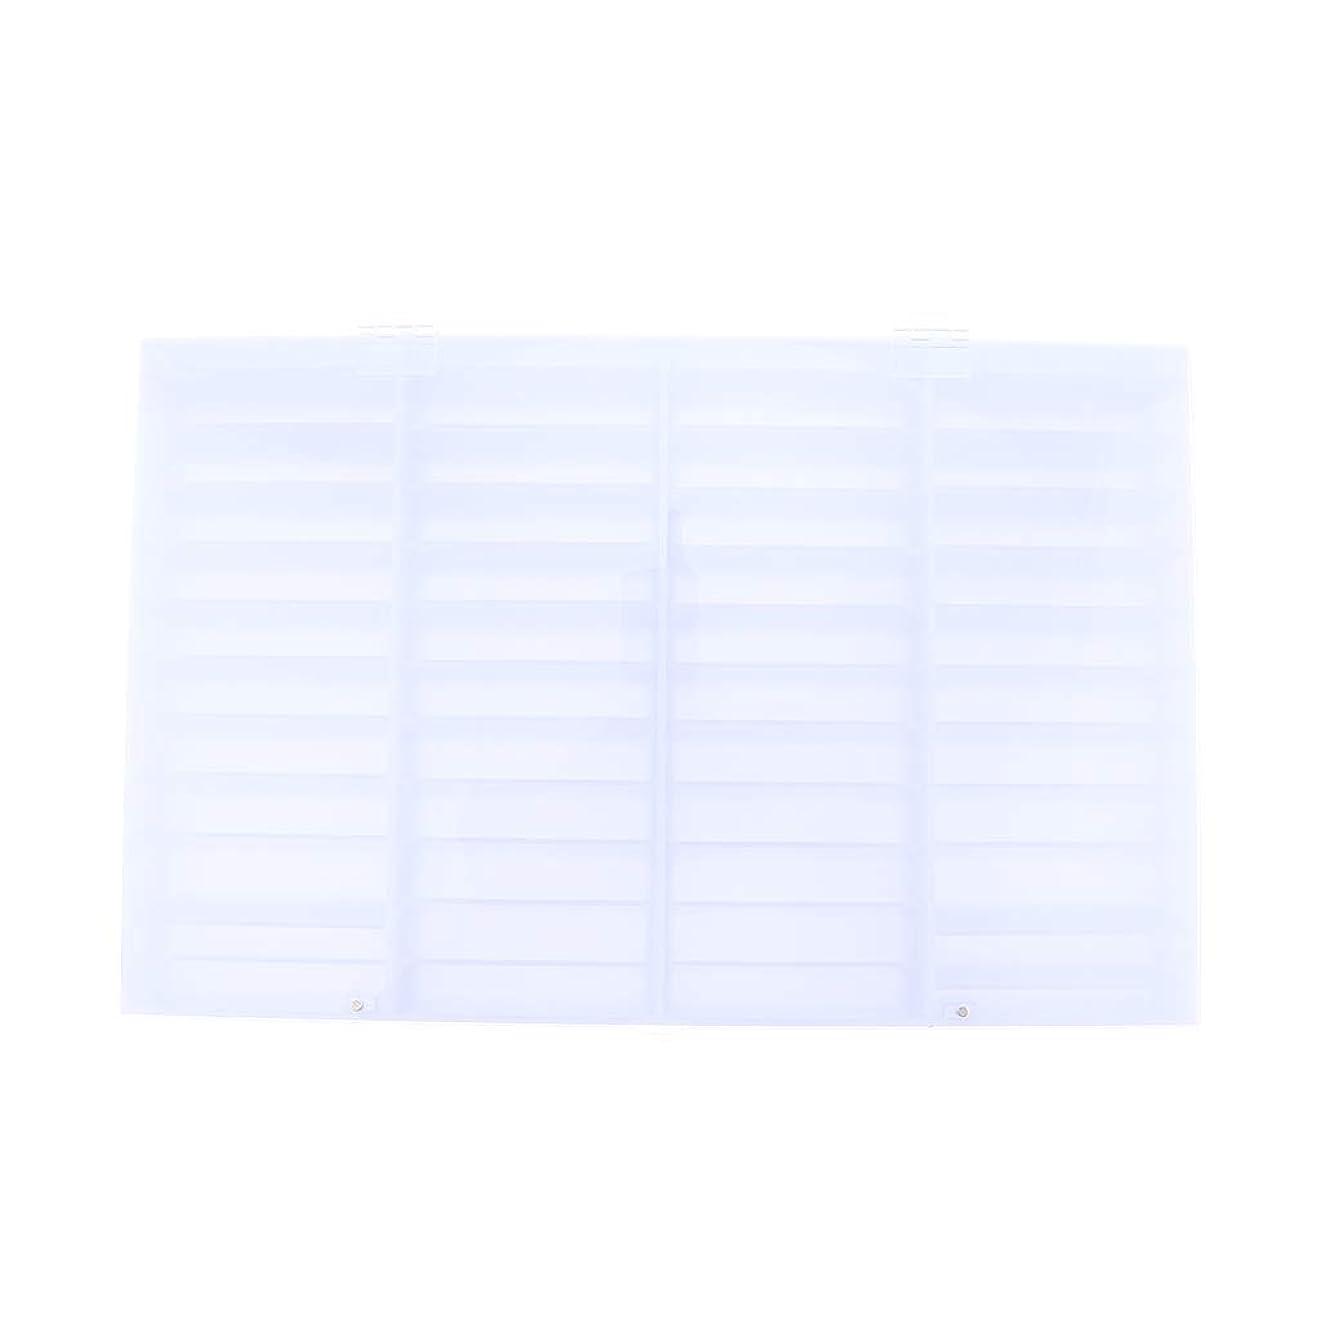 見習い依存前書きSharplace ネイルチップ 収納ボックス 小物入り 収納容器 ディスプレイケース 44コンパートメント 便利